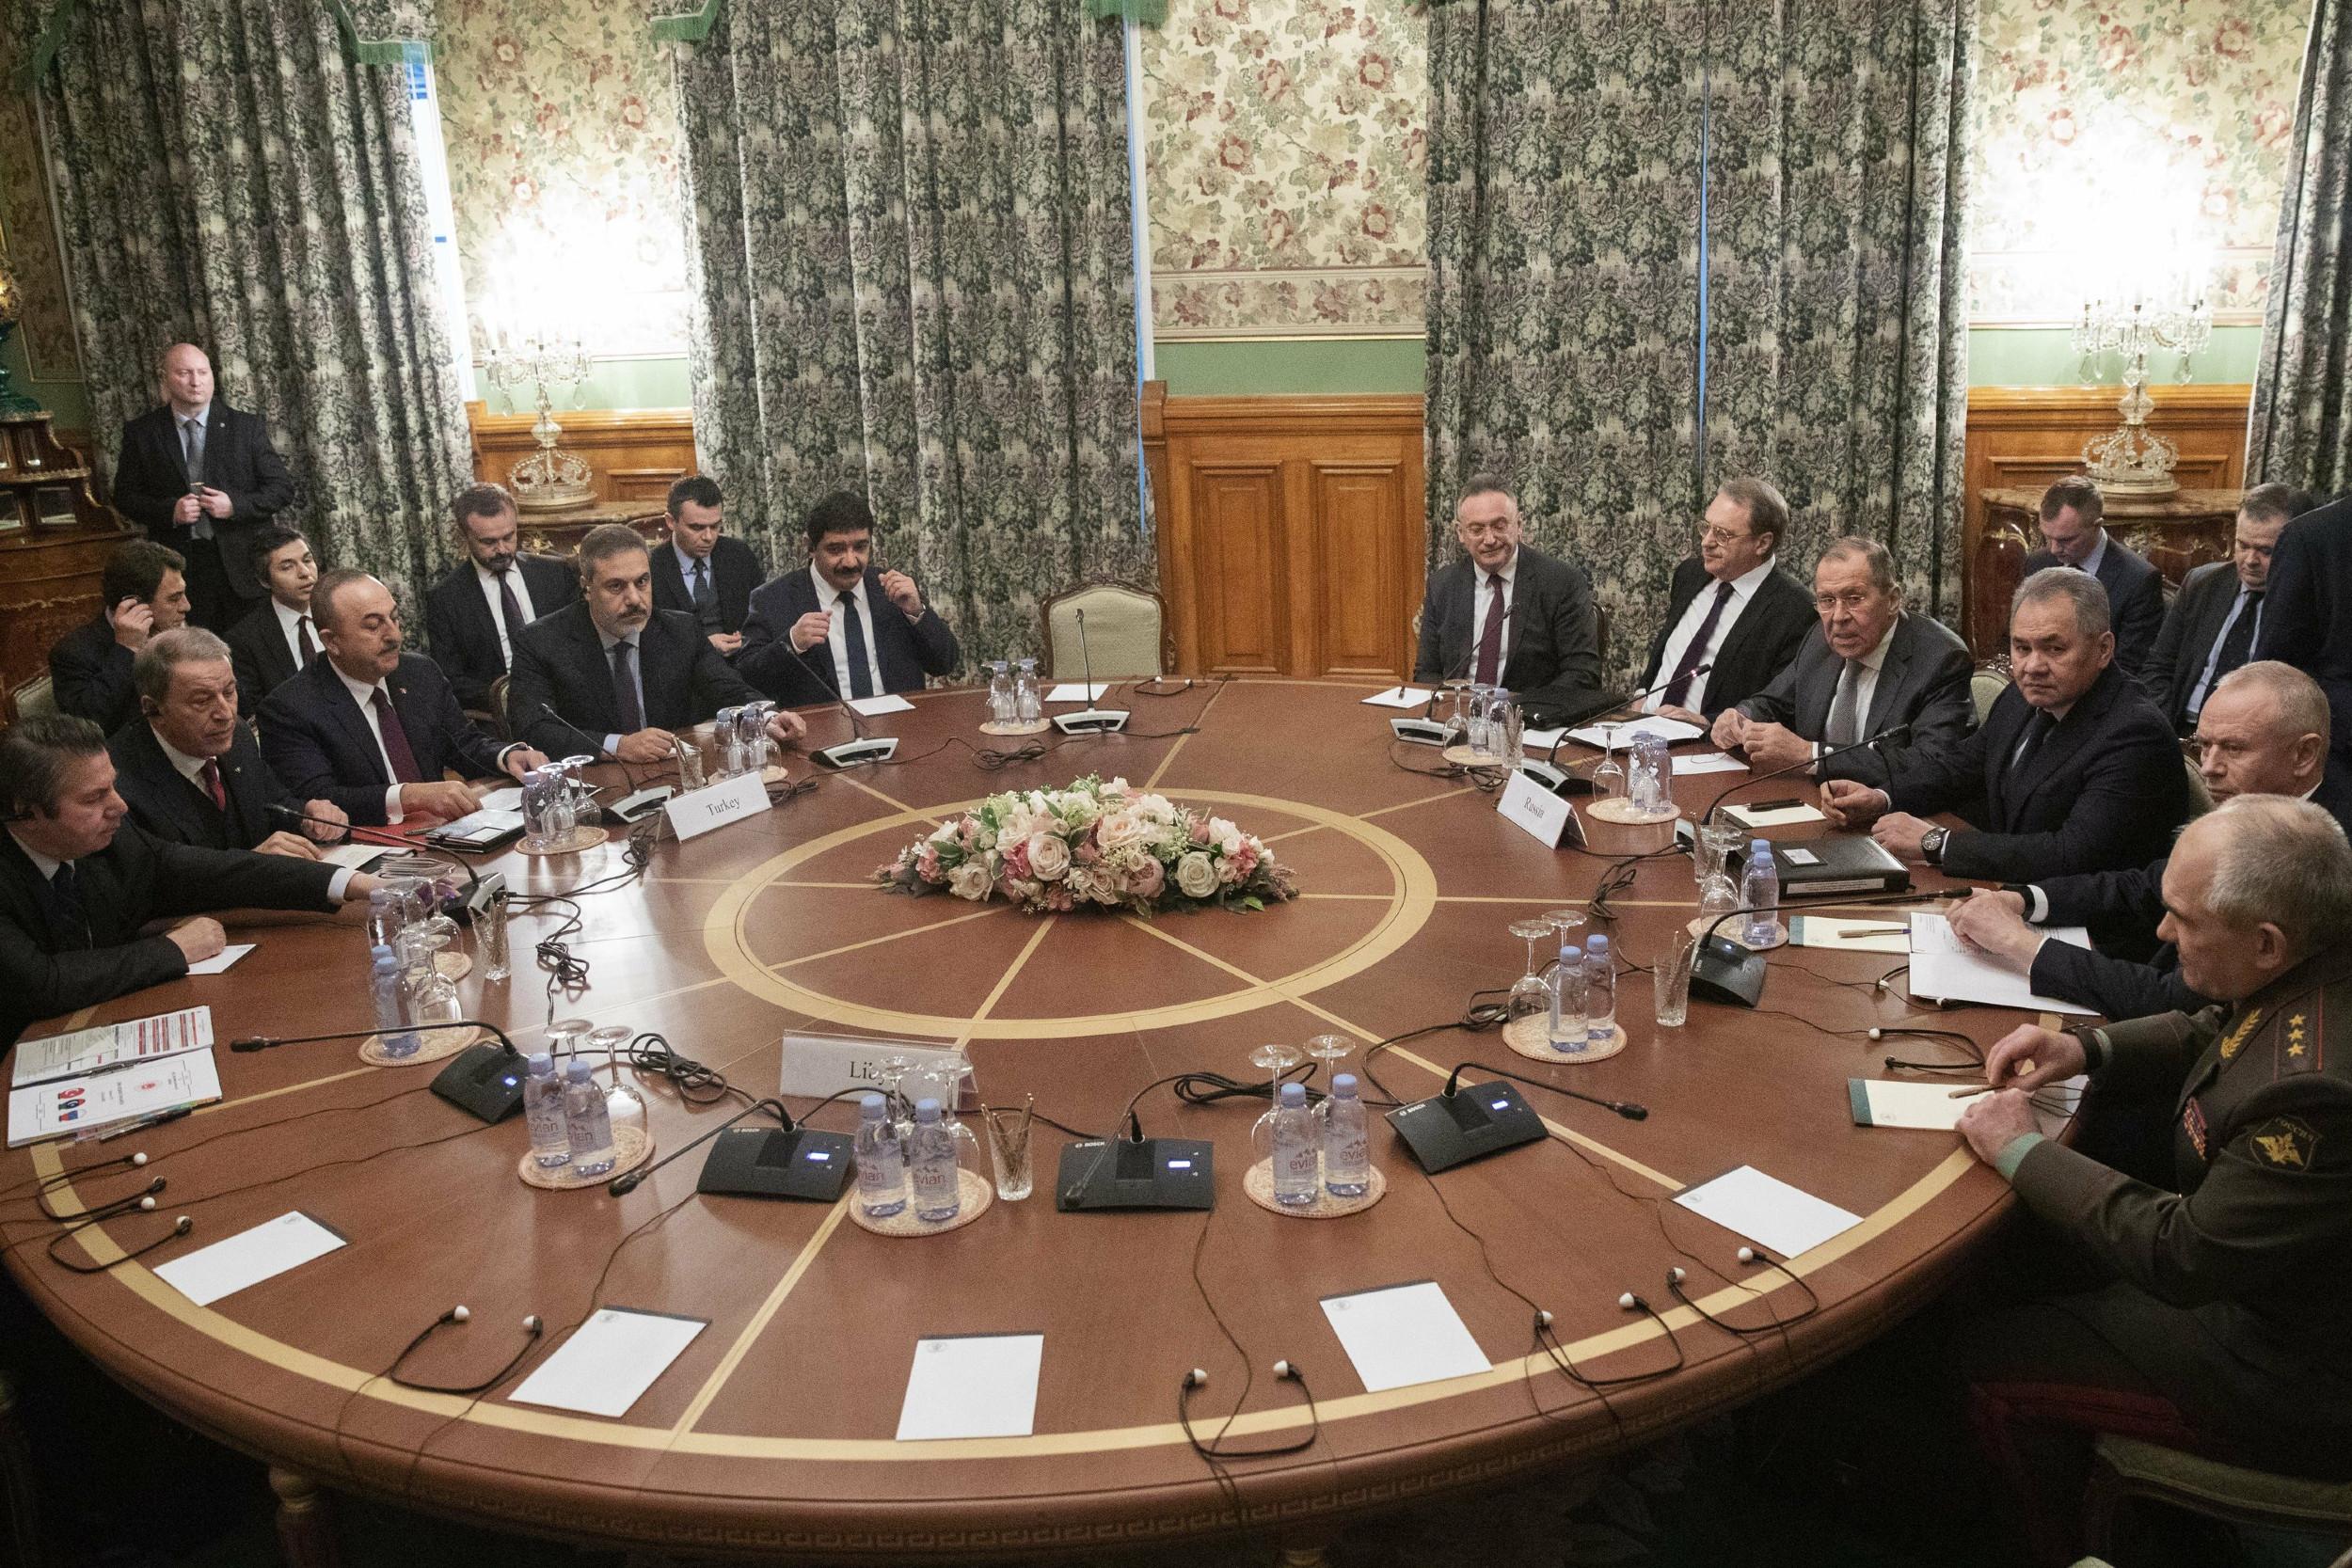 Министри спољних послова и одбране Турске и Русије на састанку у оквиру којег су Москва и Анкара покушале да посредују у разговору између ривалских страна у Либији, Москва, 13. јануар 2020. (Фото: AP Photo/Pavel Golovkin, Pool)